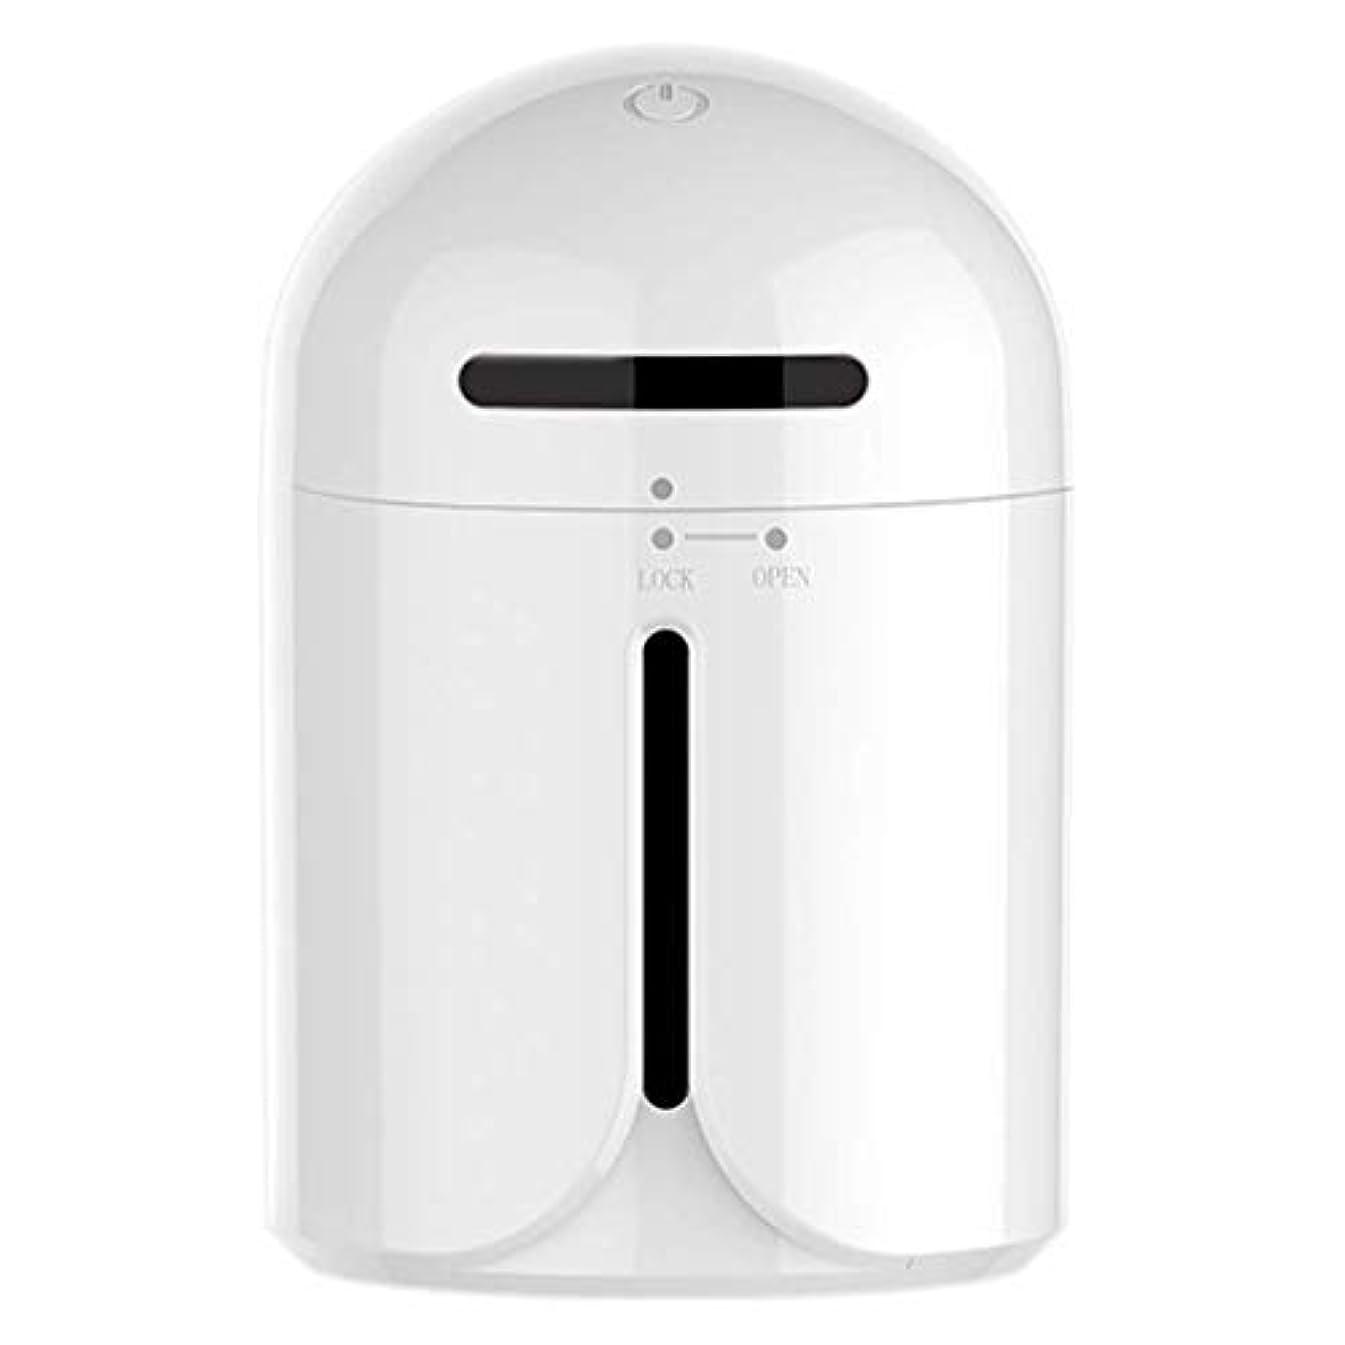 洗剤博覧会出口超音波加湿器、車のアロマディフューザー加湿器、気分を和らげるための健康的な肌の改善、睡眠の改善、清潔で清潔な新鮮な空気の浄化、LEDライトミュート (Color : 白)